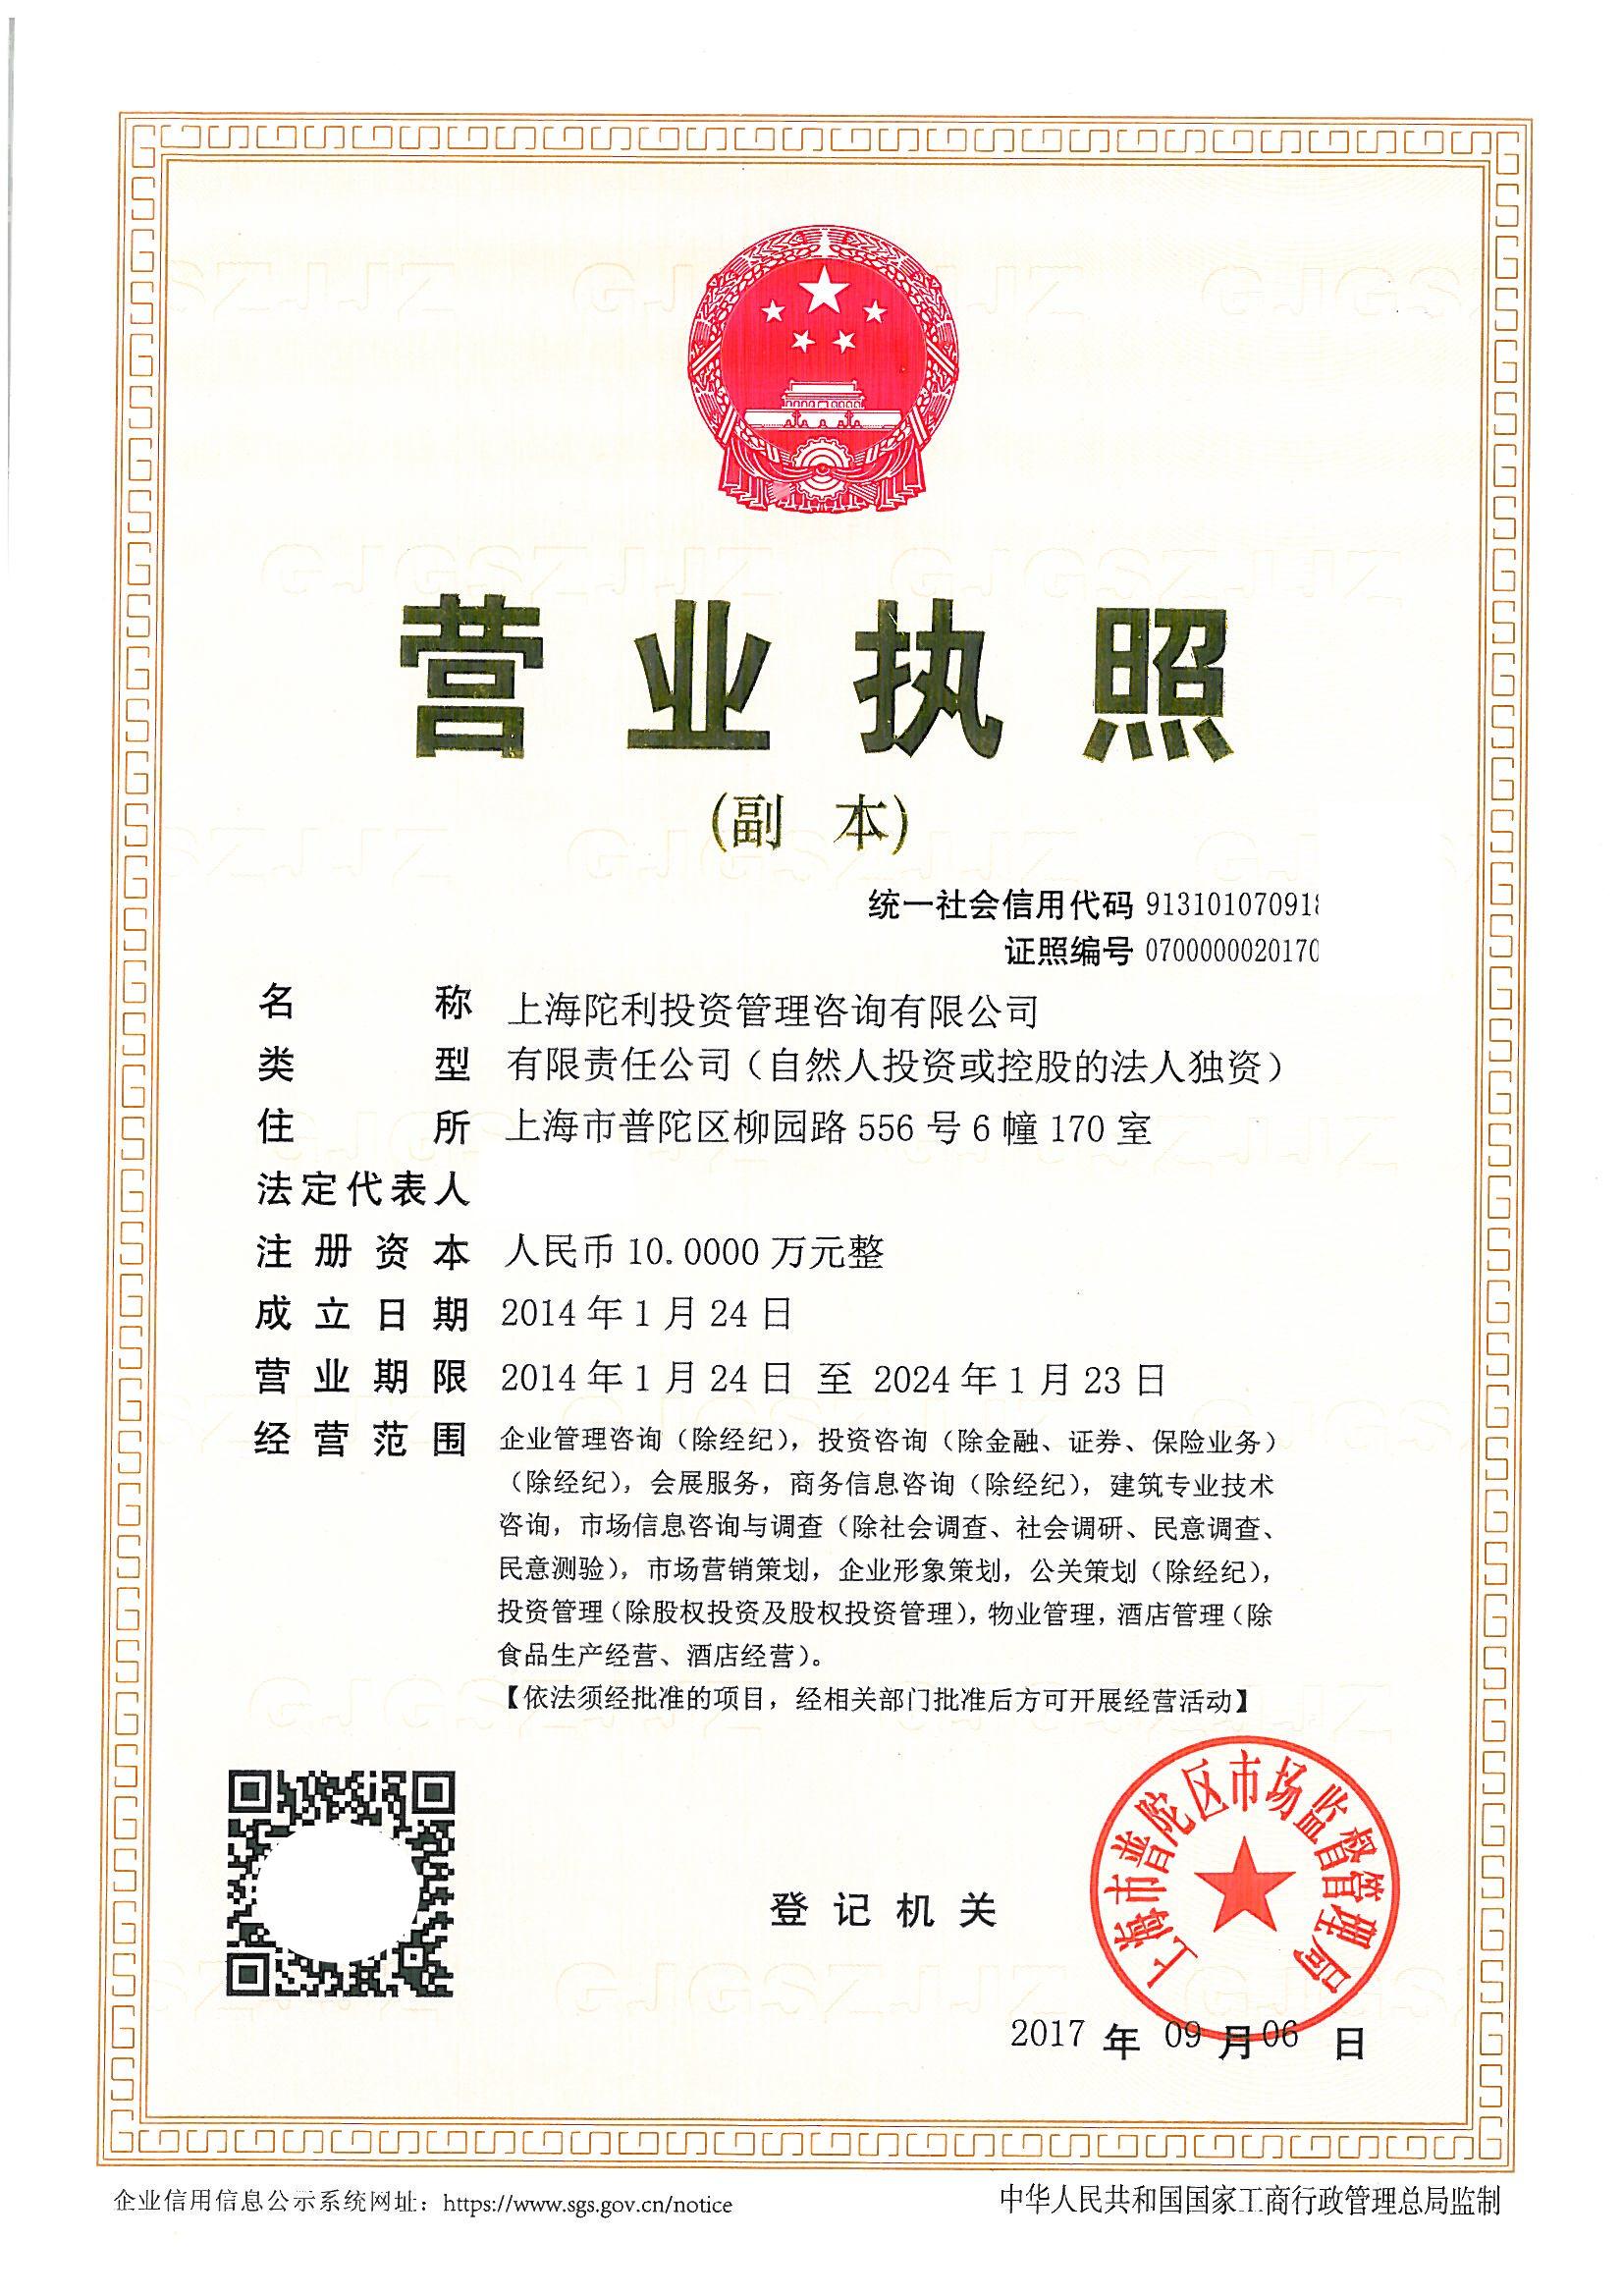 上海陀利投资管理咨询有限公司